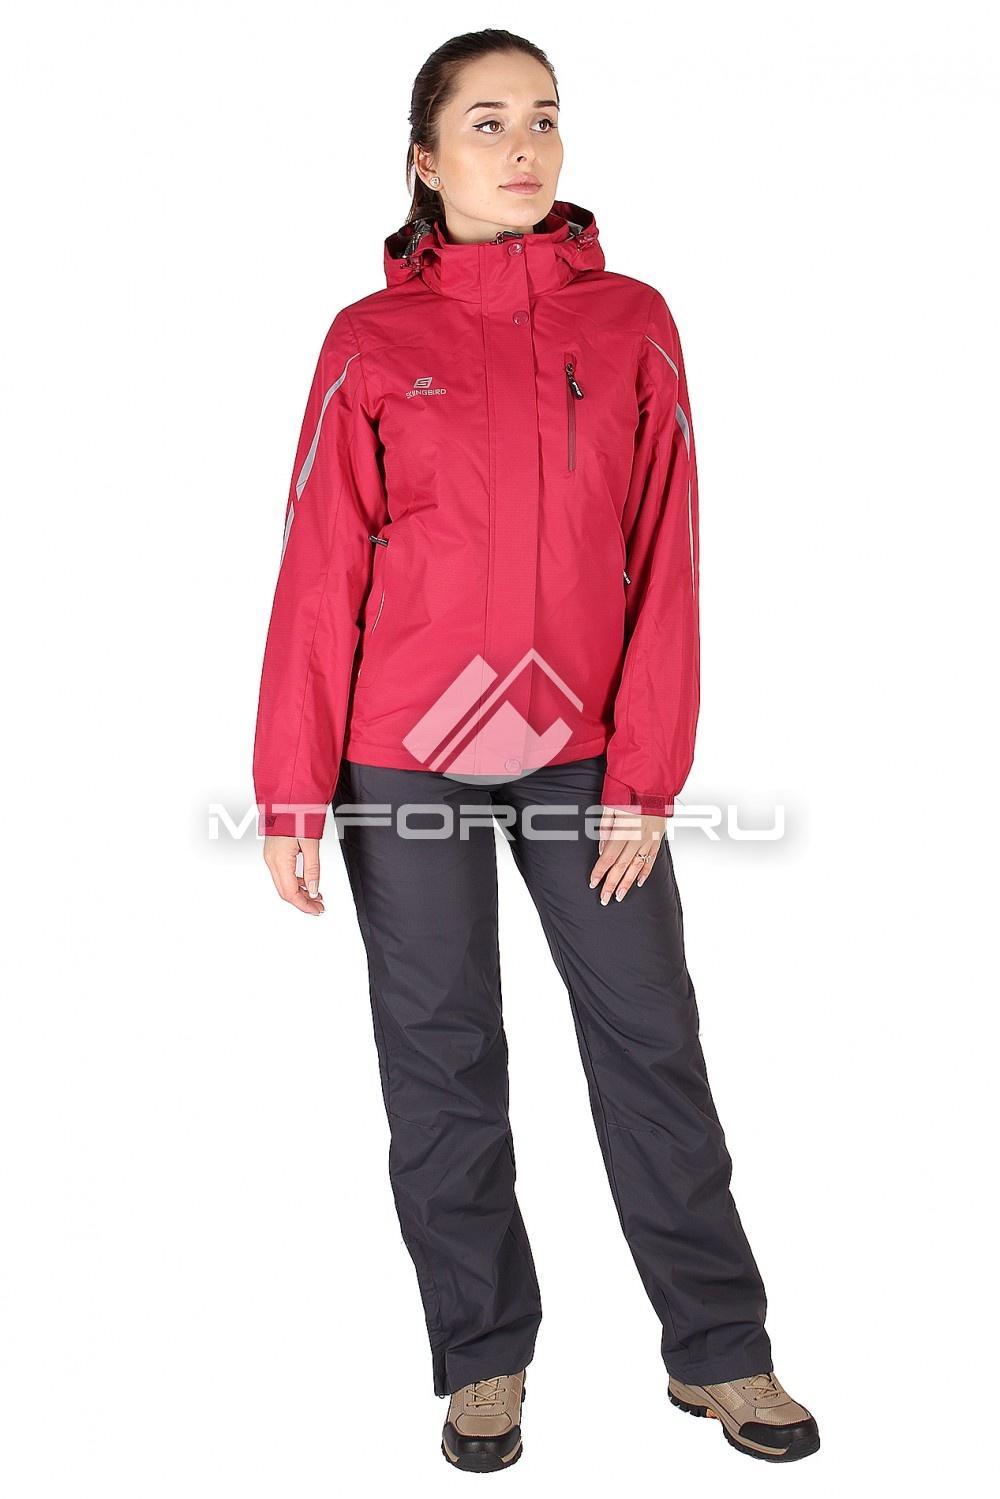 Купить                                  оптом Костюм женский красного цвета 01617Kr